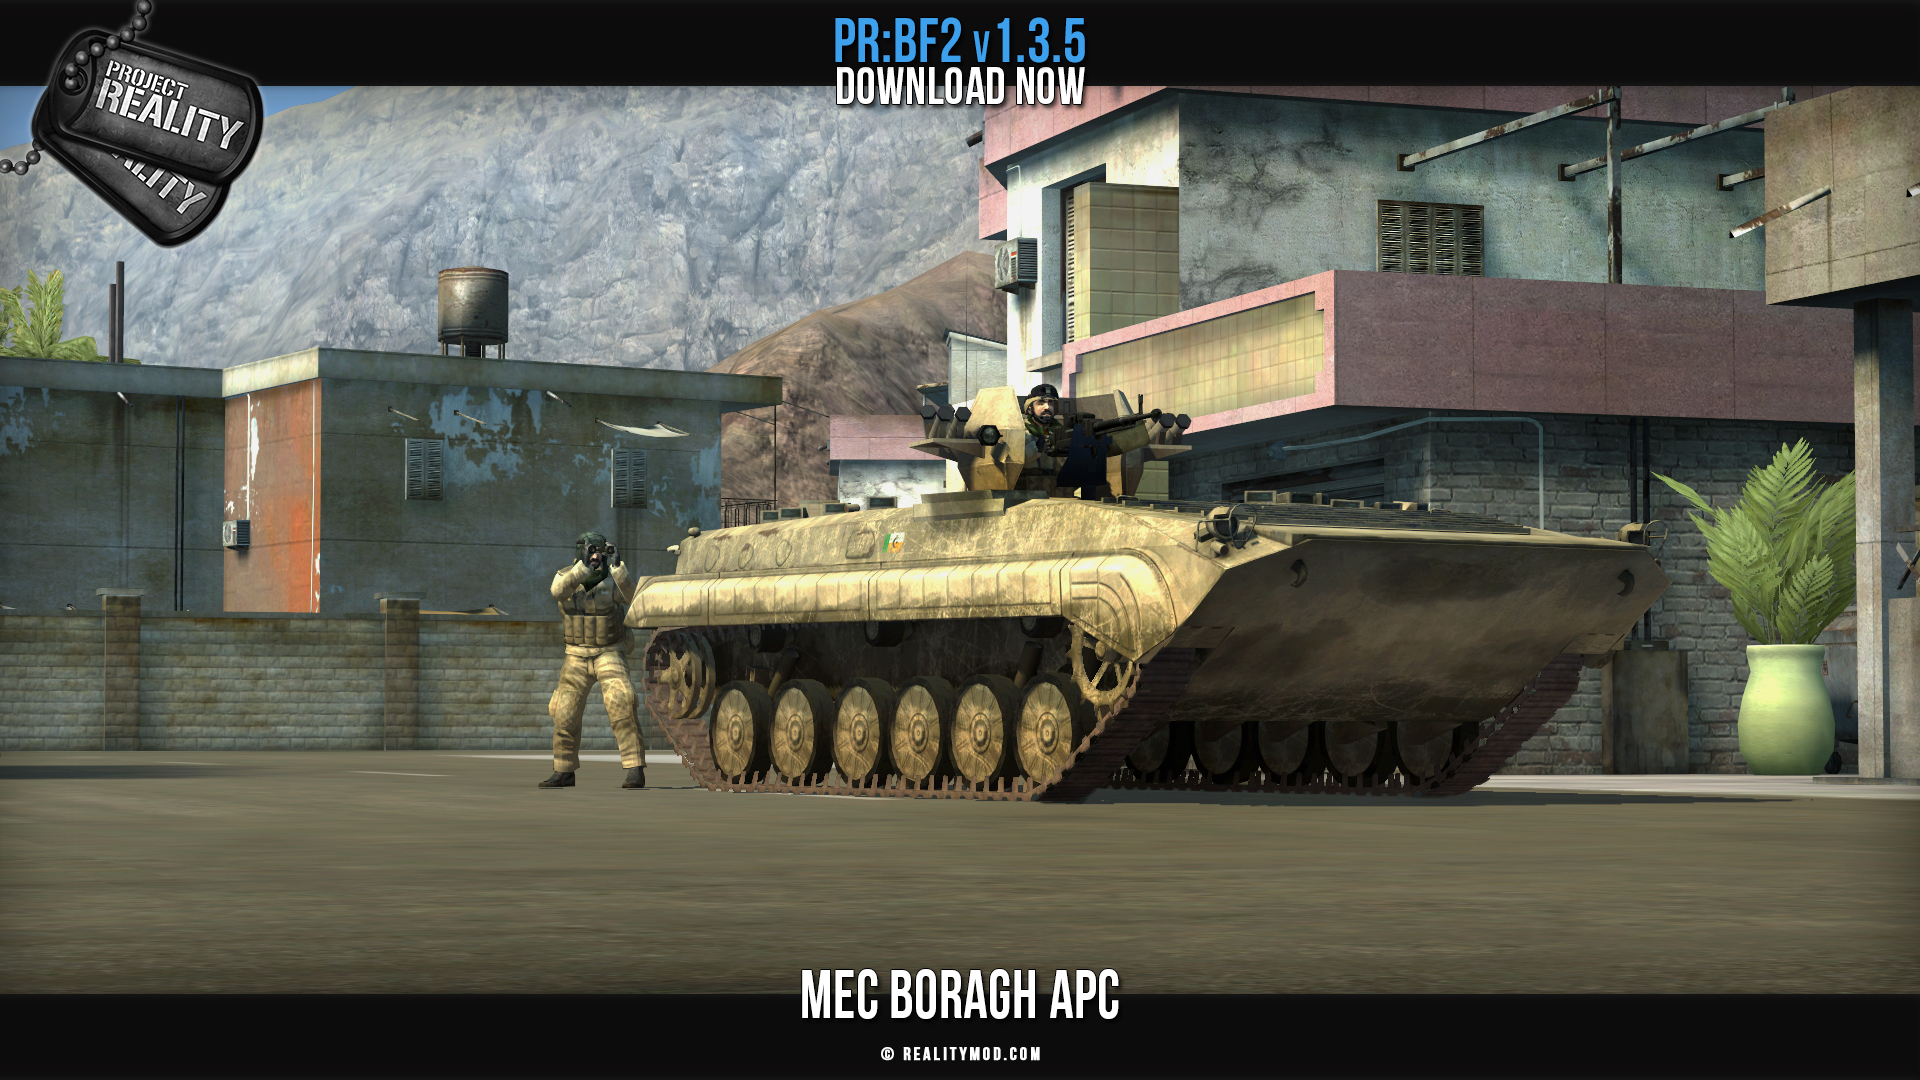 mec_boragh_apc.jpg